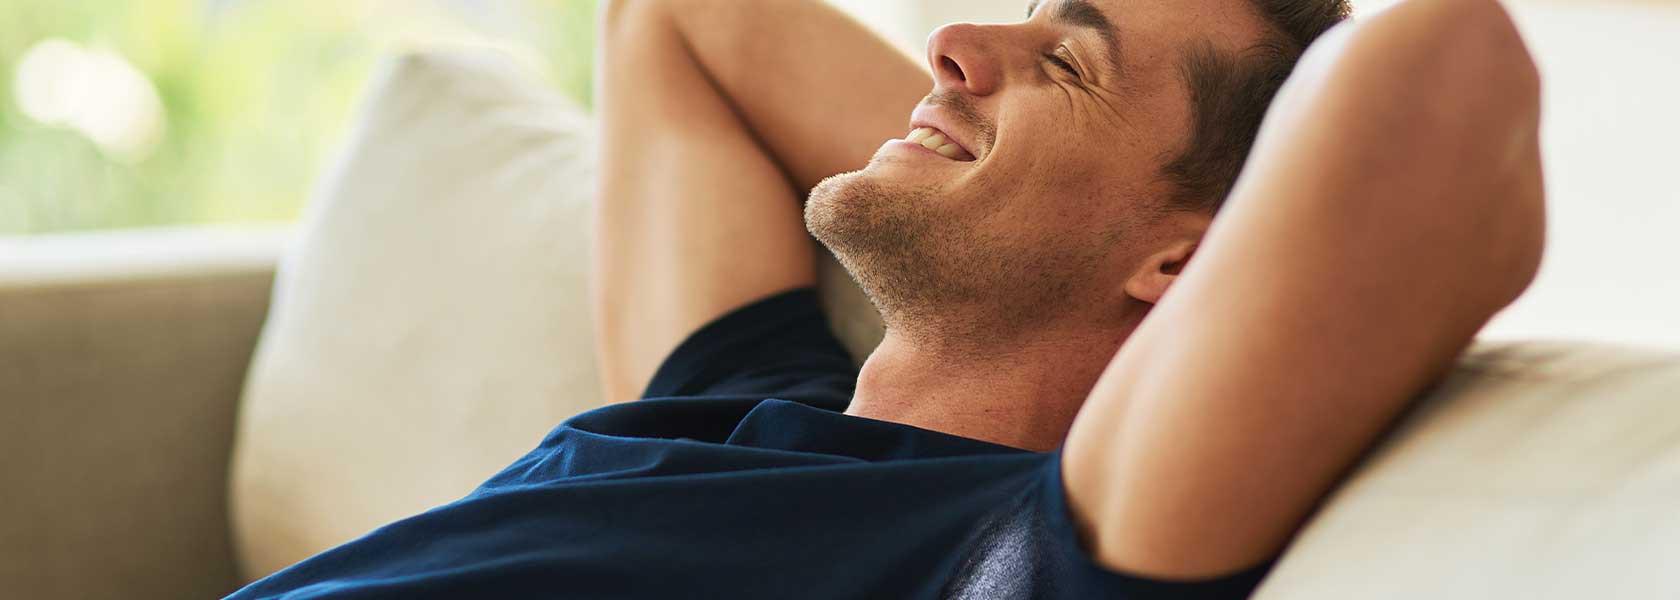 Ein Mann auf der Couch benutzt seine Hände als Kopfstütze, unter seiner Achsel ein weißer Deodorant-Fleck.